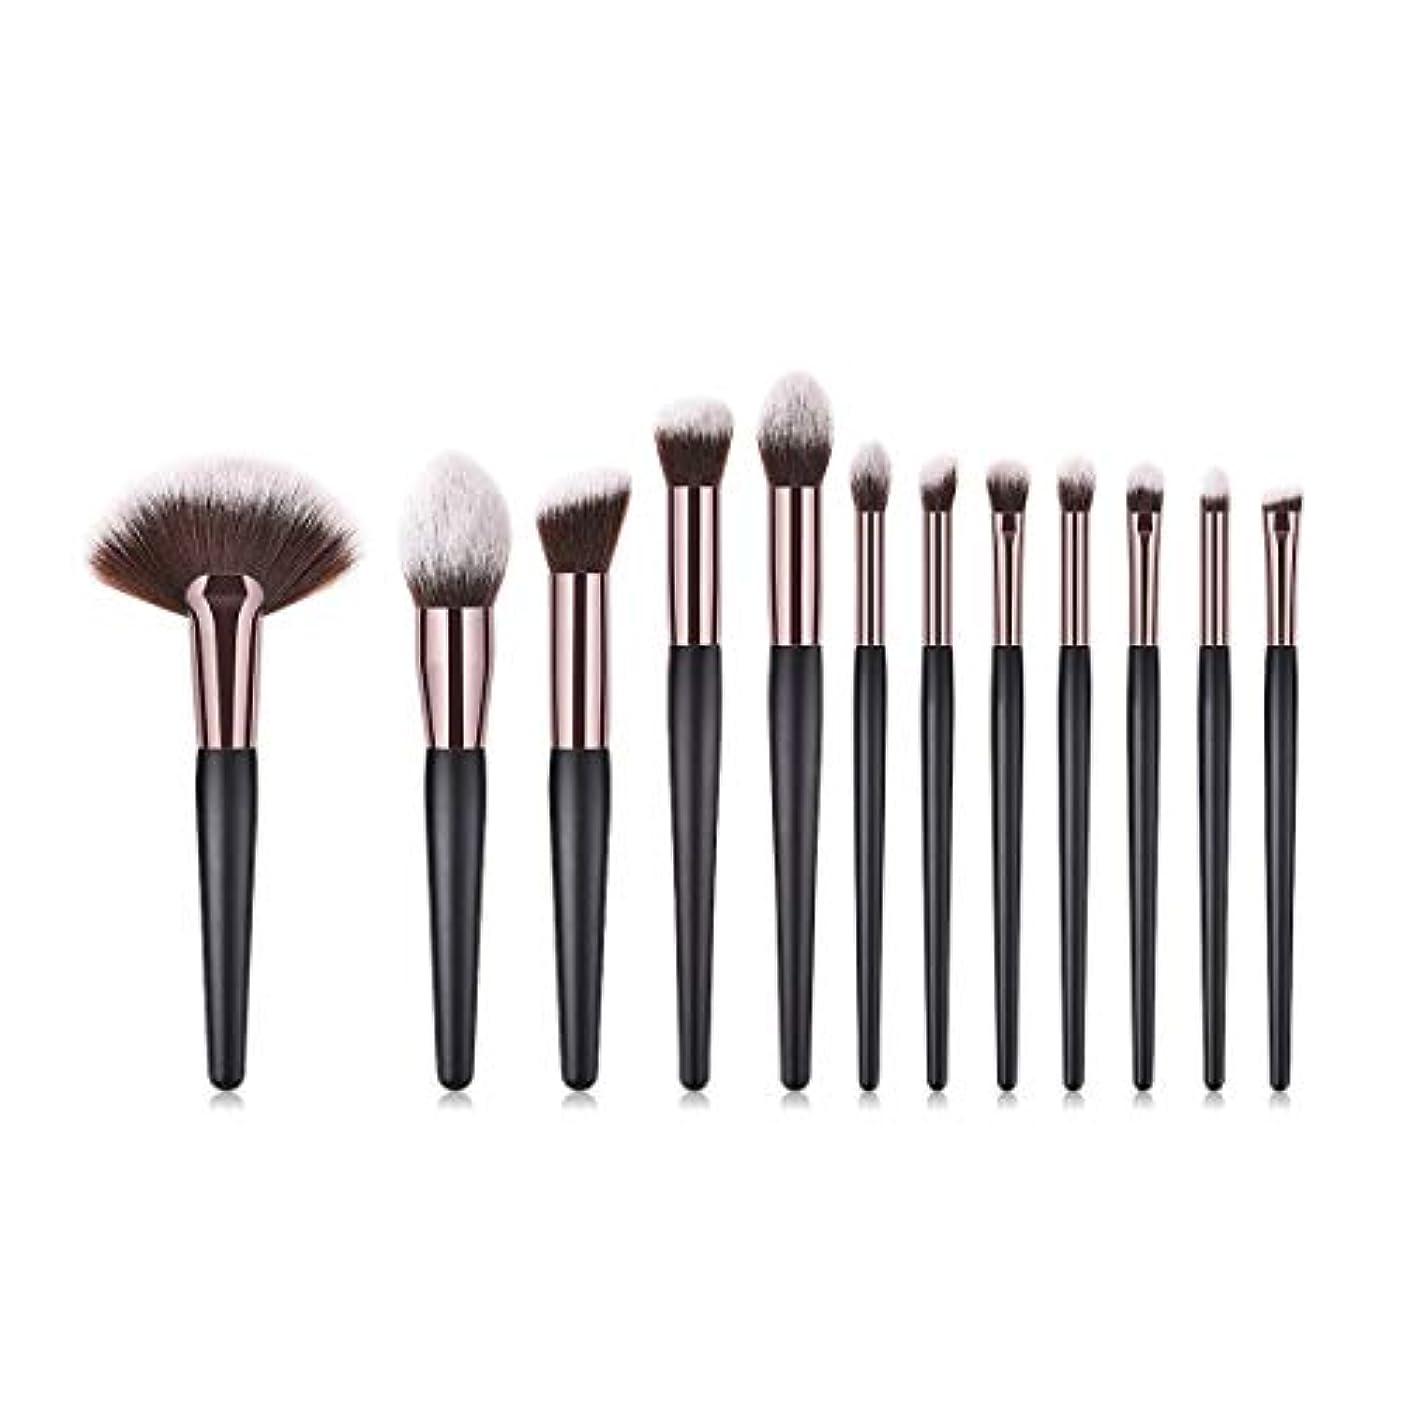 布寝具偏見Makeup brushes 12化粧ブラシファンデーションブラシパウダーピンクブラッシュブラシアイシャドウブラシハイスクールグロスシルエットブラシセットブラシホワイト suits (Color : Black Gold)